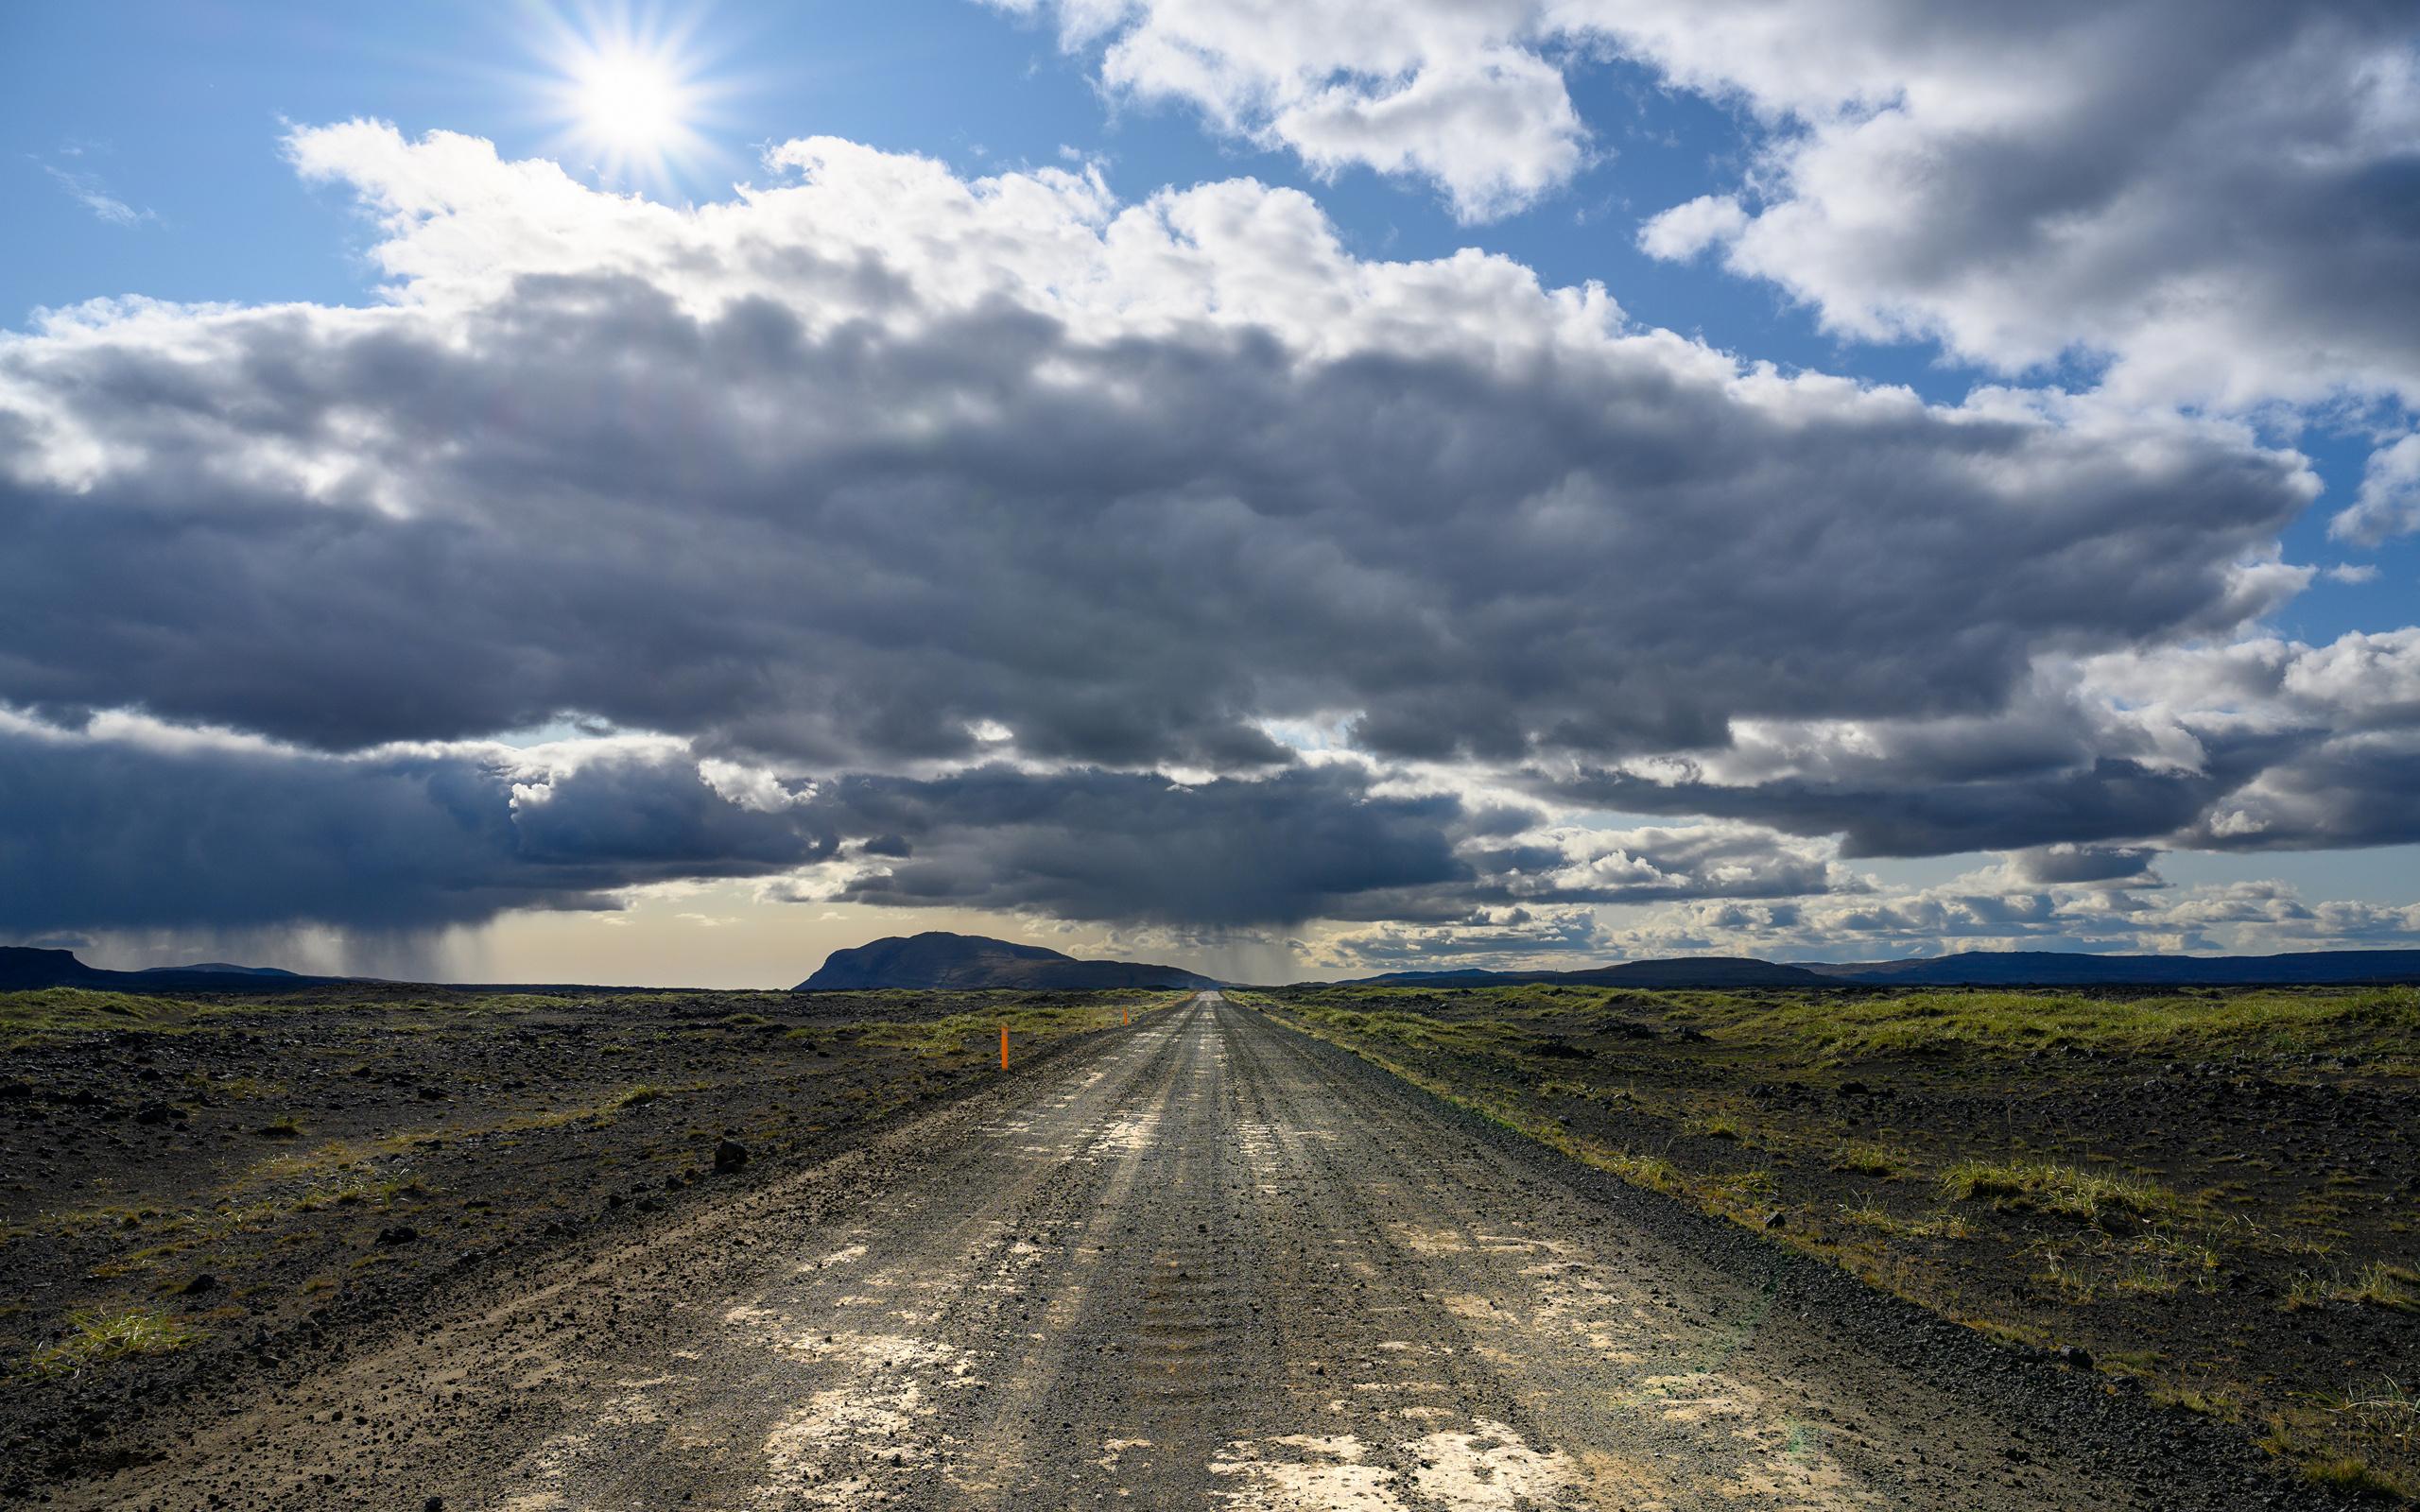 горизонт небо дорога шоссе красивые картинки время южная